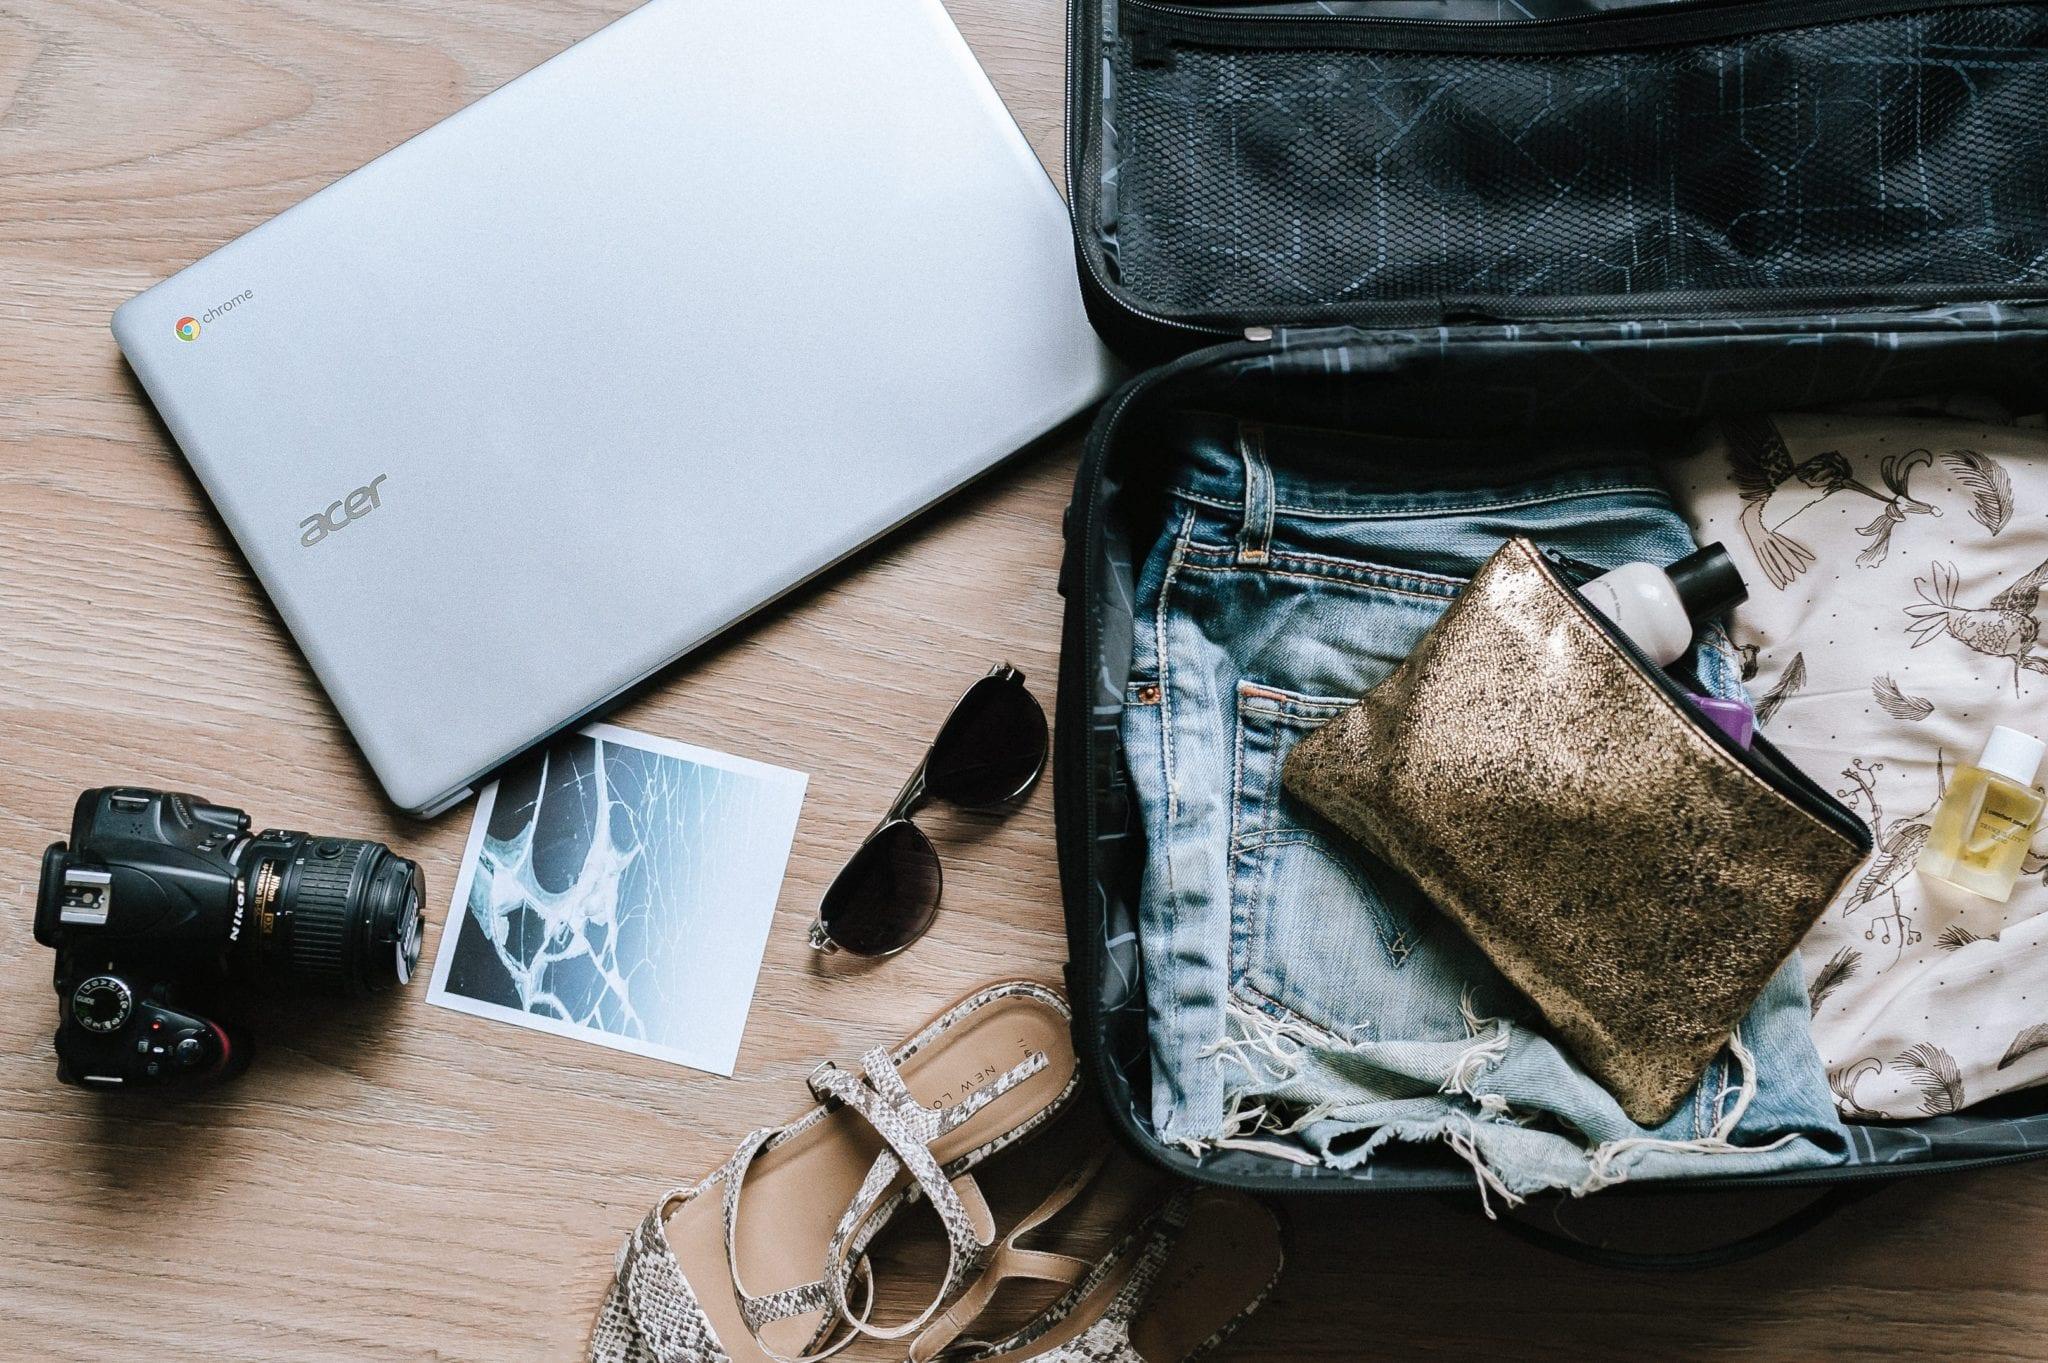 ช้อปปิ้งออนไลน์ ซื้อของออนไลน์ วิธีประหยัดเงิน ช้อปออนไลน์ วิธีจัดกระเป๋าเดินทาง จัดกระเป๋าเดินทางขึ้นเครื่องบินครั้งแรก ของเหลวขึ้นเครื่อง จัดกระเป๋าเดินทาง